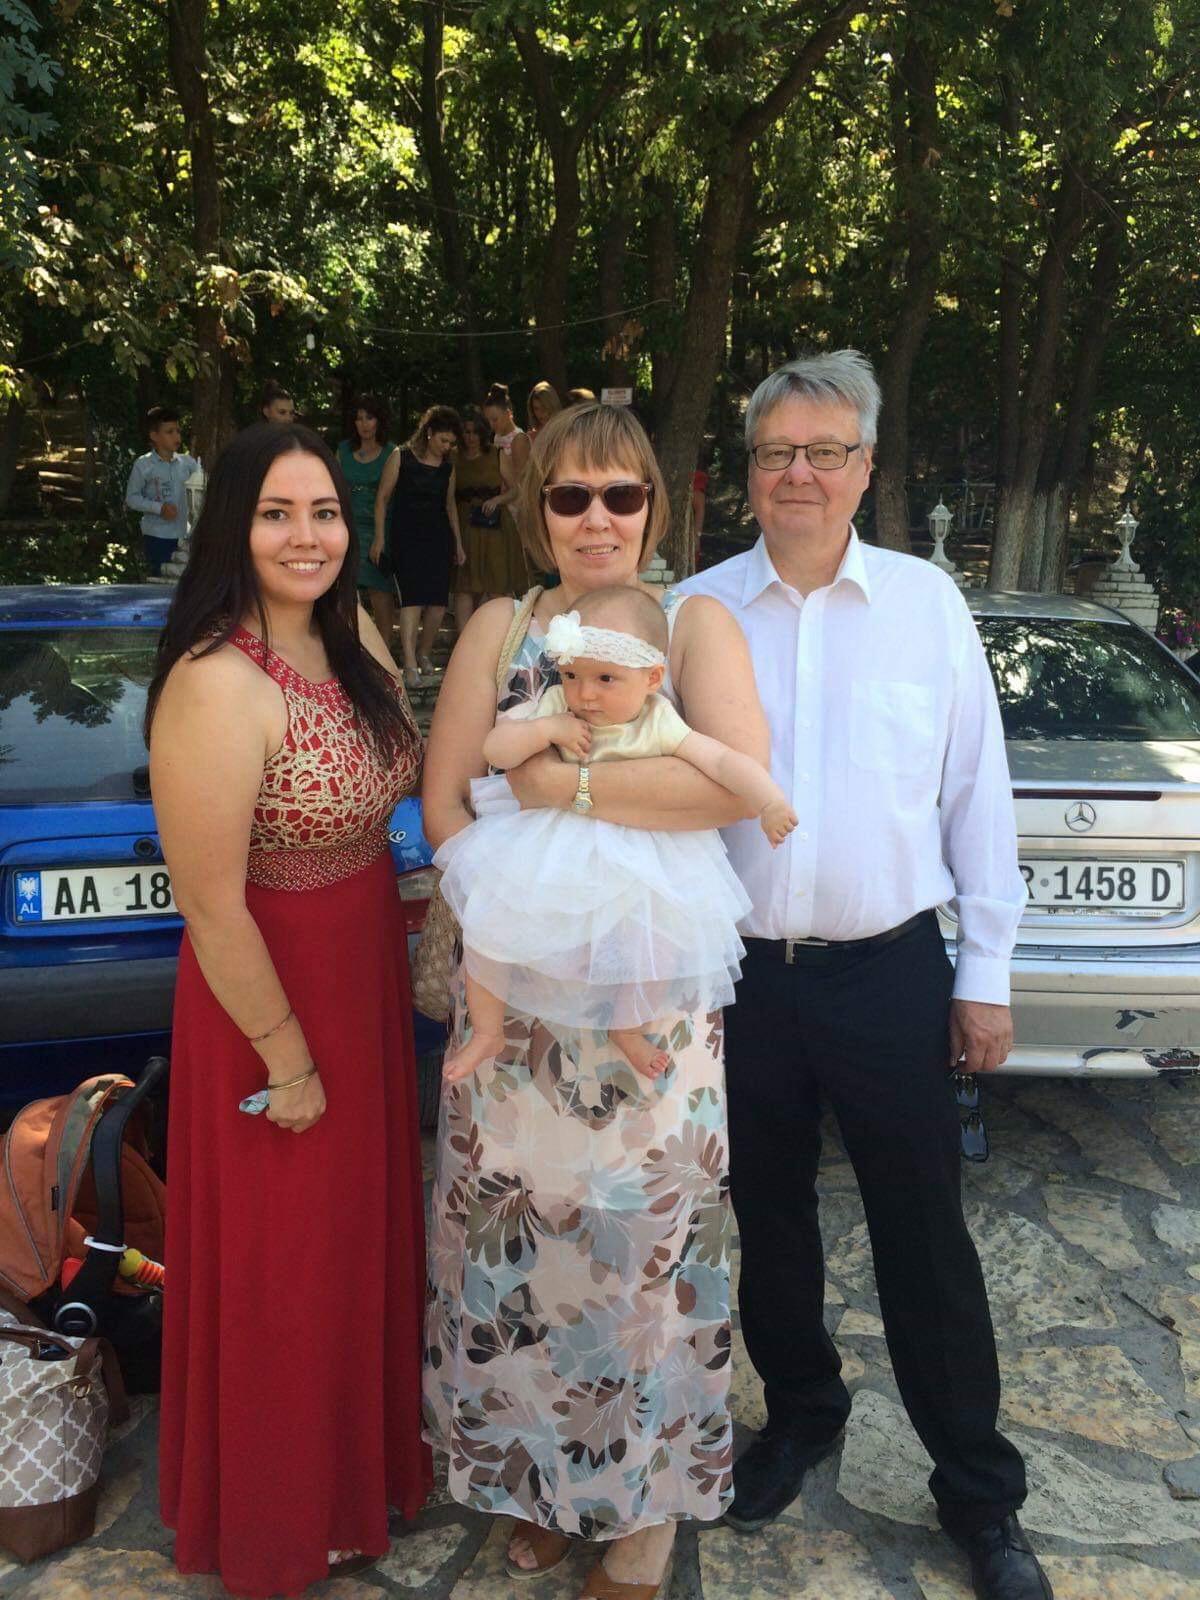 Tässä historiallinen yhteiskuva minusta, vanhemmistani ja tyttärestämme juuri ennen Ariksen veljen hääjuhlaa (pääpäivä) ravintolan edustalla. Kuva: Irena Duraj